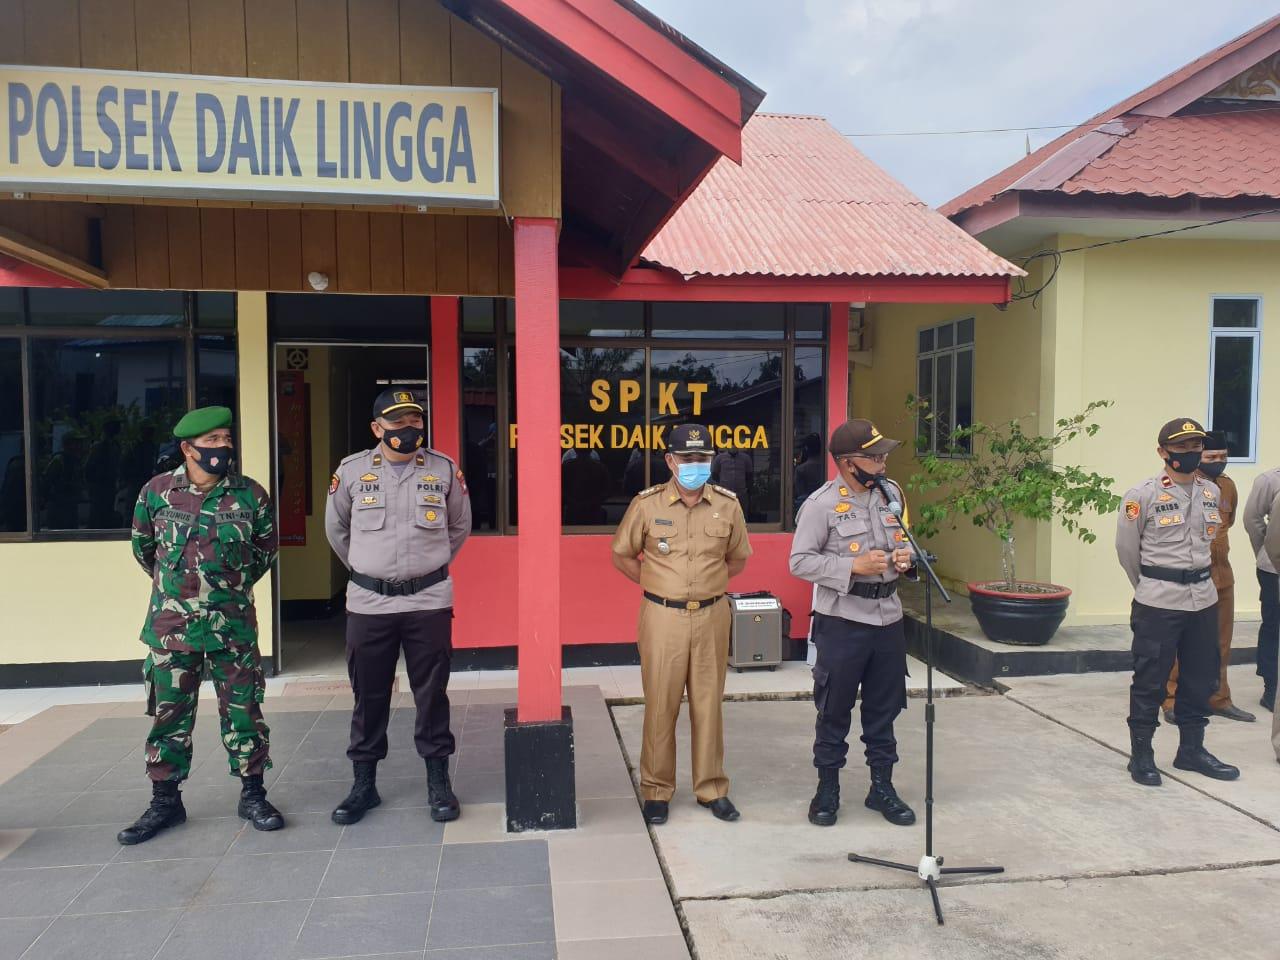 Kapolsek Daik Lingga Memimpin Apel Gabungan Pergeseran Pasukan Pengamanan Pilkada  2020 di Kecamatan Lingga